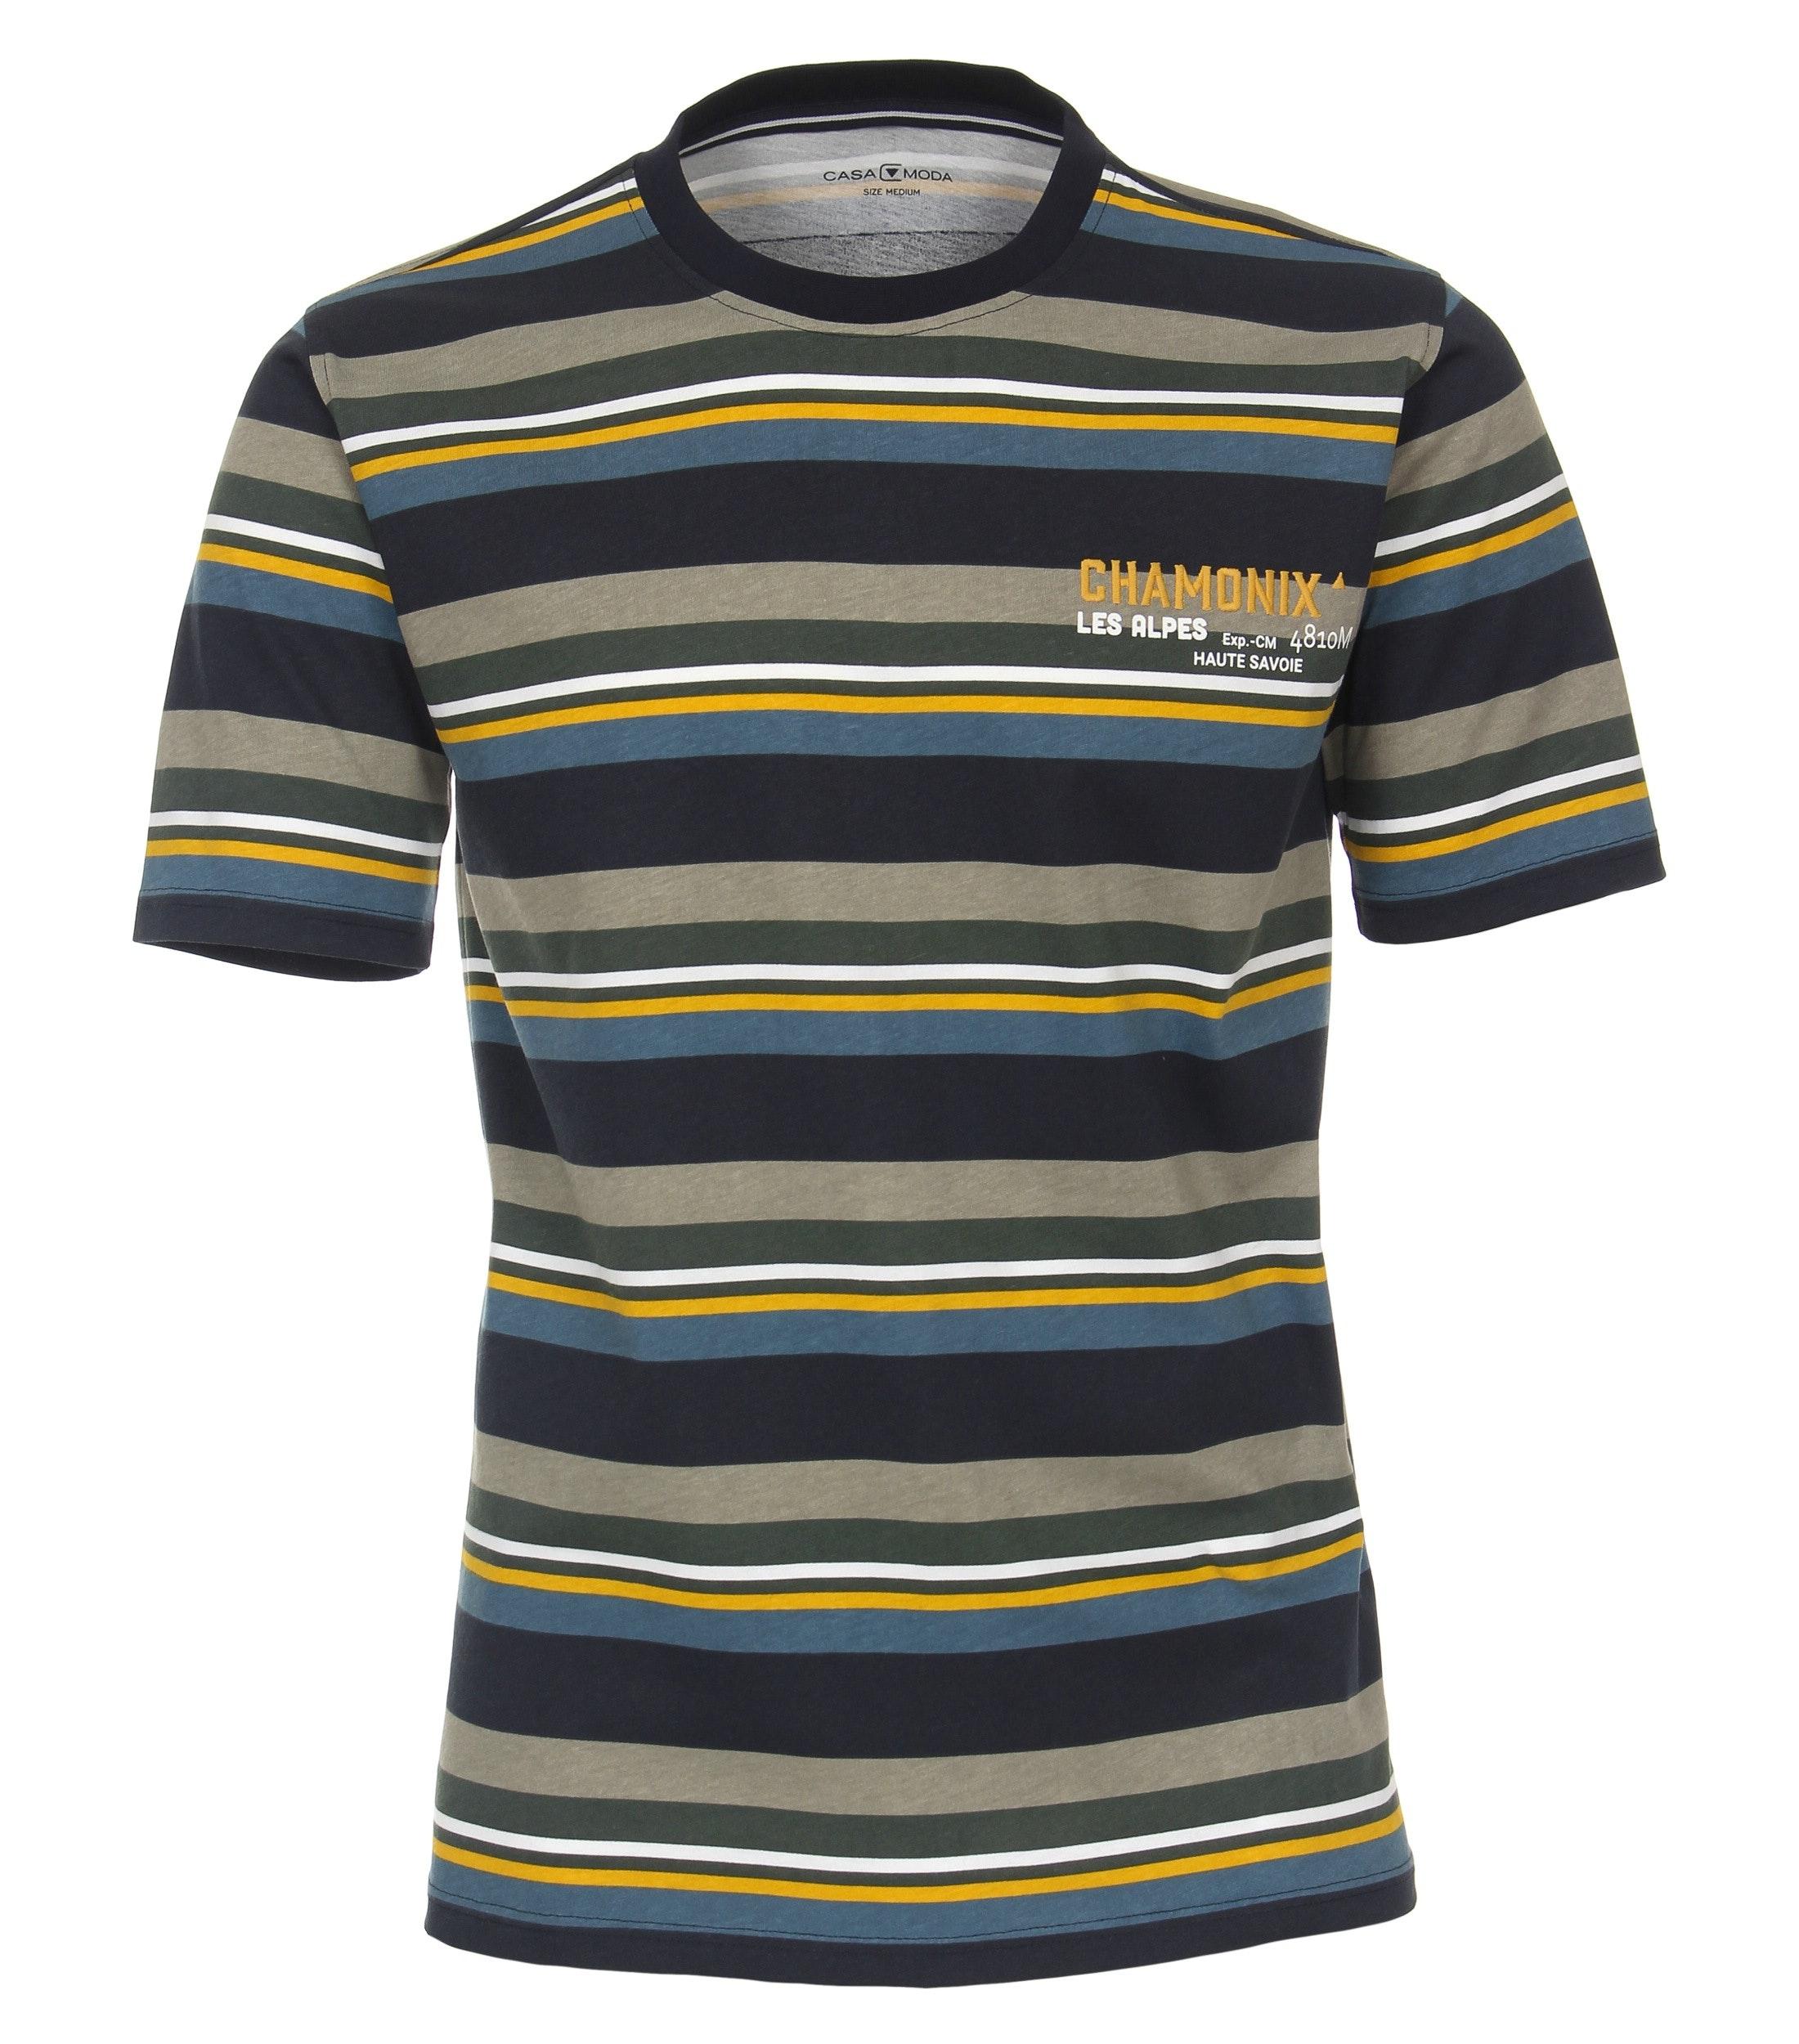 T-shirt van merk CASA MODA in de kleur aqua, gemaakt van 100% katoen.